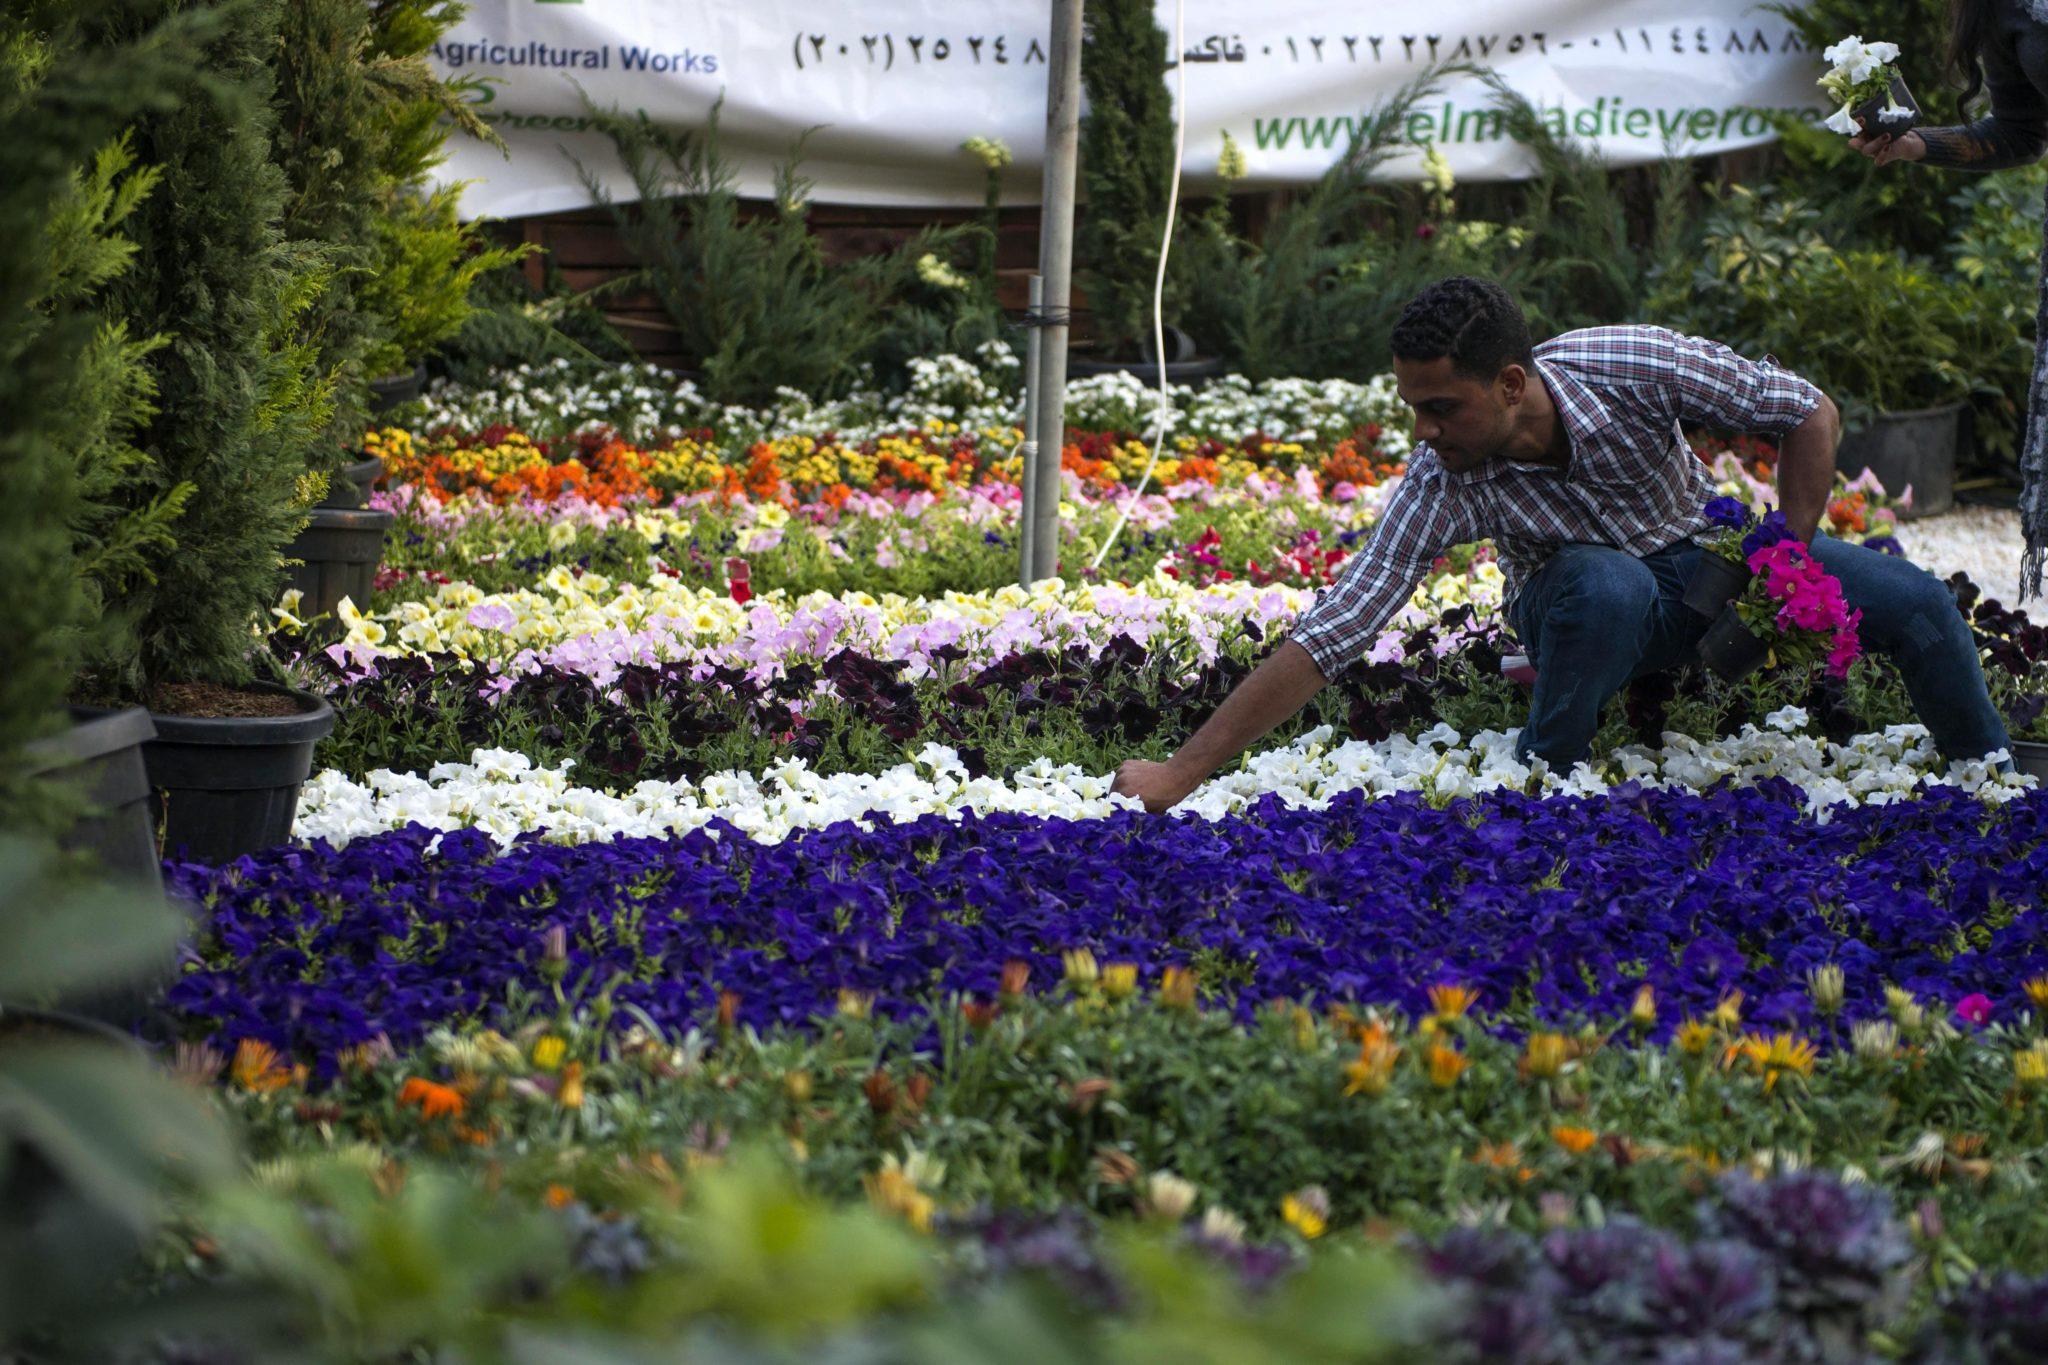 Egipt: sprzedawcy przygotowują kwiaty i wystawy podczas festiwalu wiosennych kwiatów w ogrodzie al-Orman w Gizie. Co roku w ogrodzie al-Orman odbywa się festiwal wiosennych kwiatów od początku marca do połowy kwietnia, fot: Mohamed Hossam, PAP/EPA